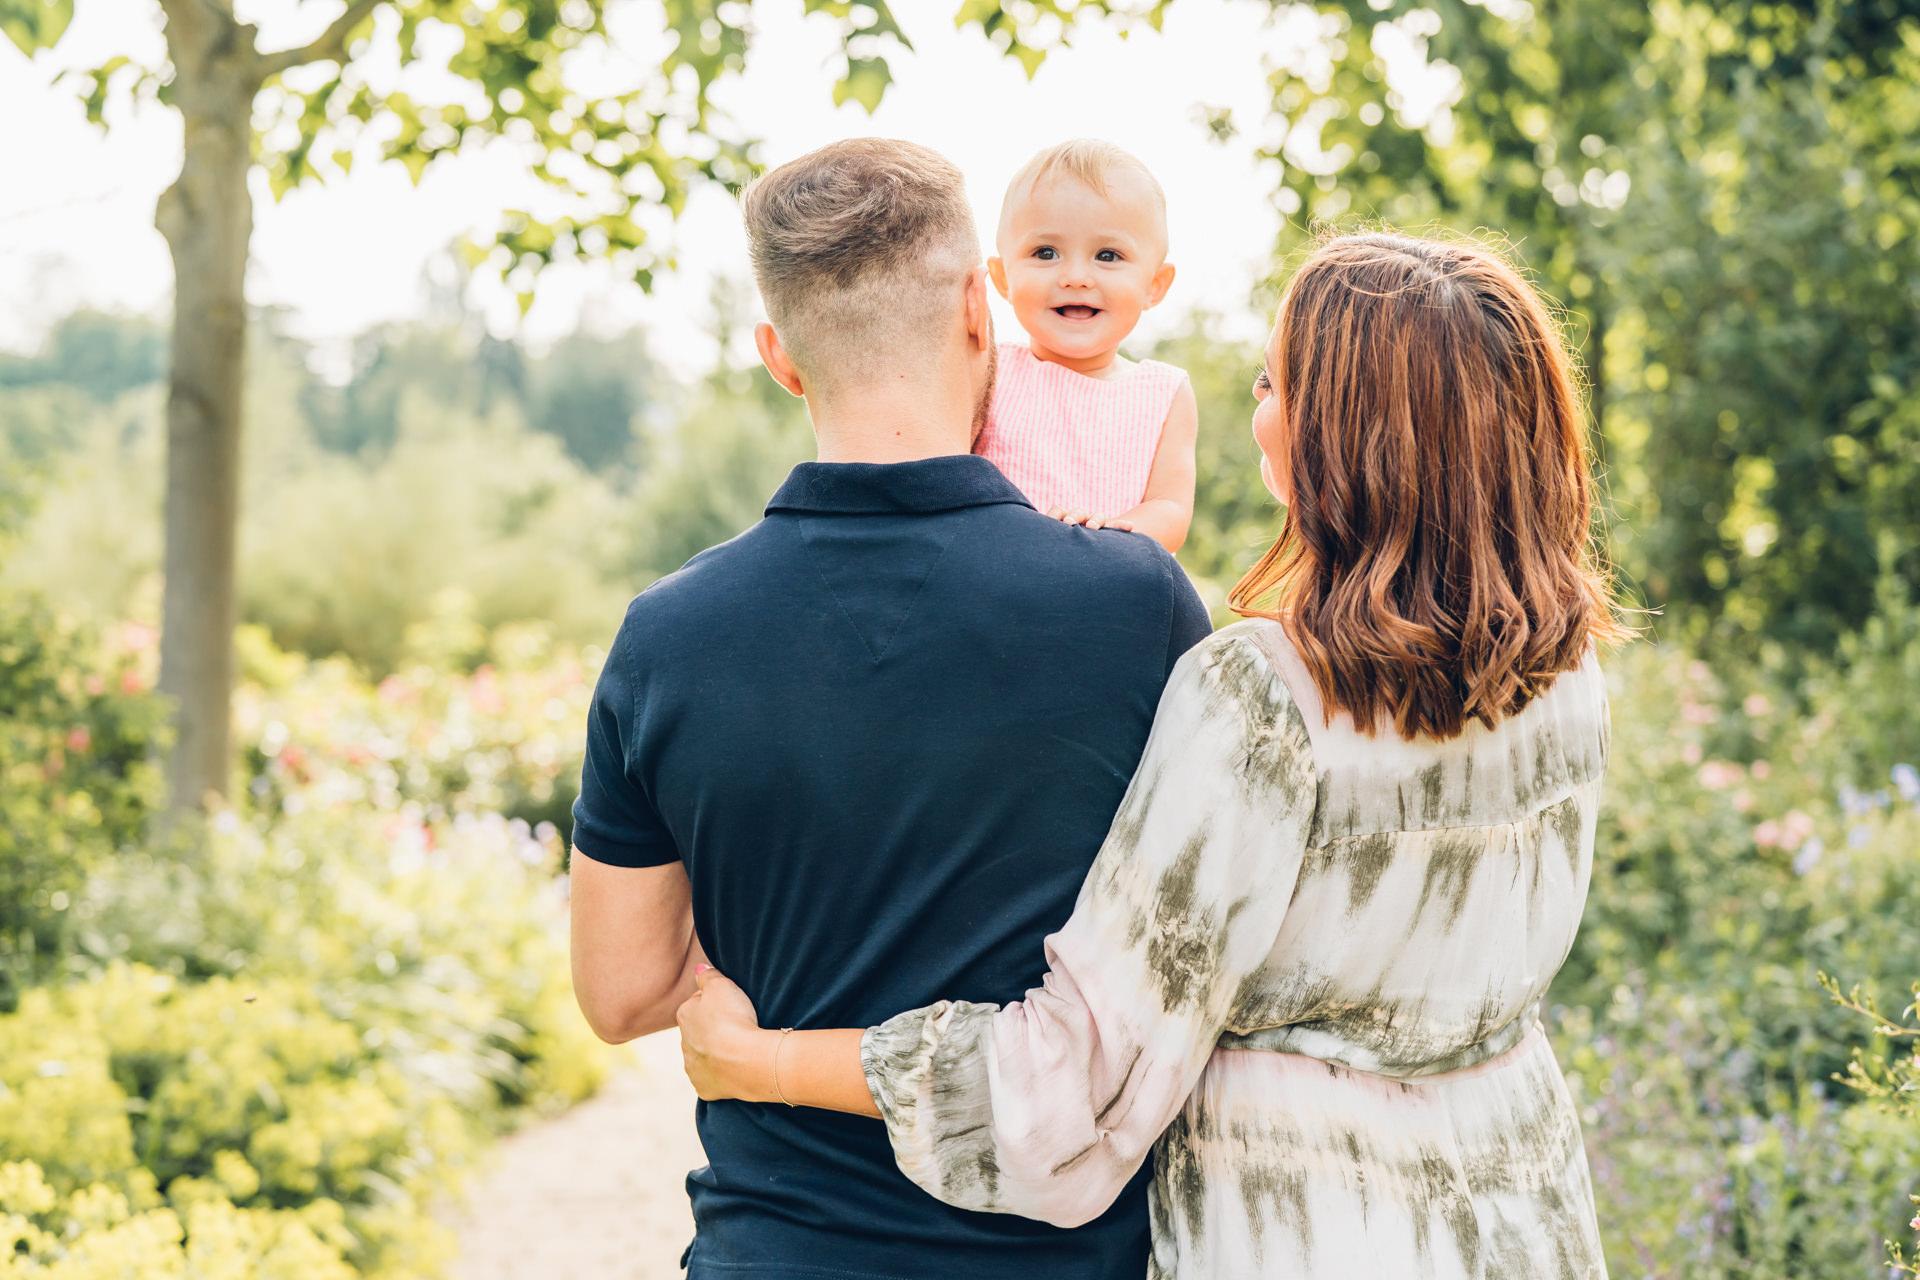 Familienfotograf Mainz Natürliche Familienfotos